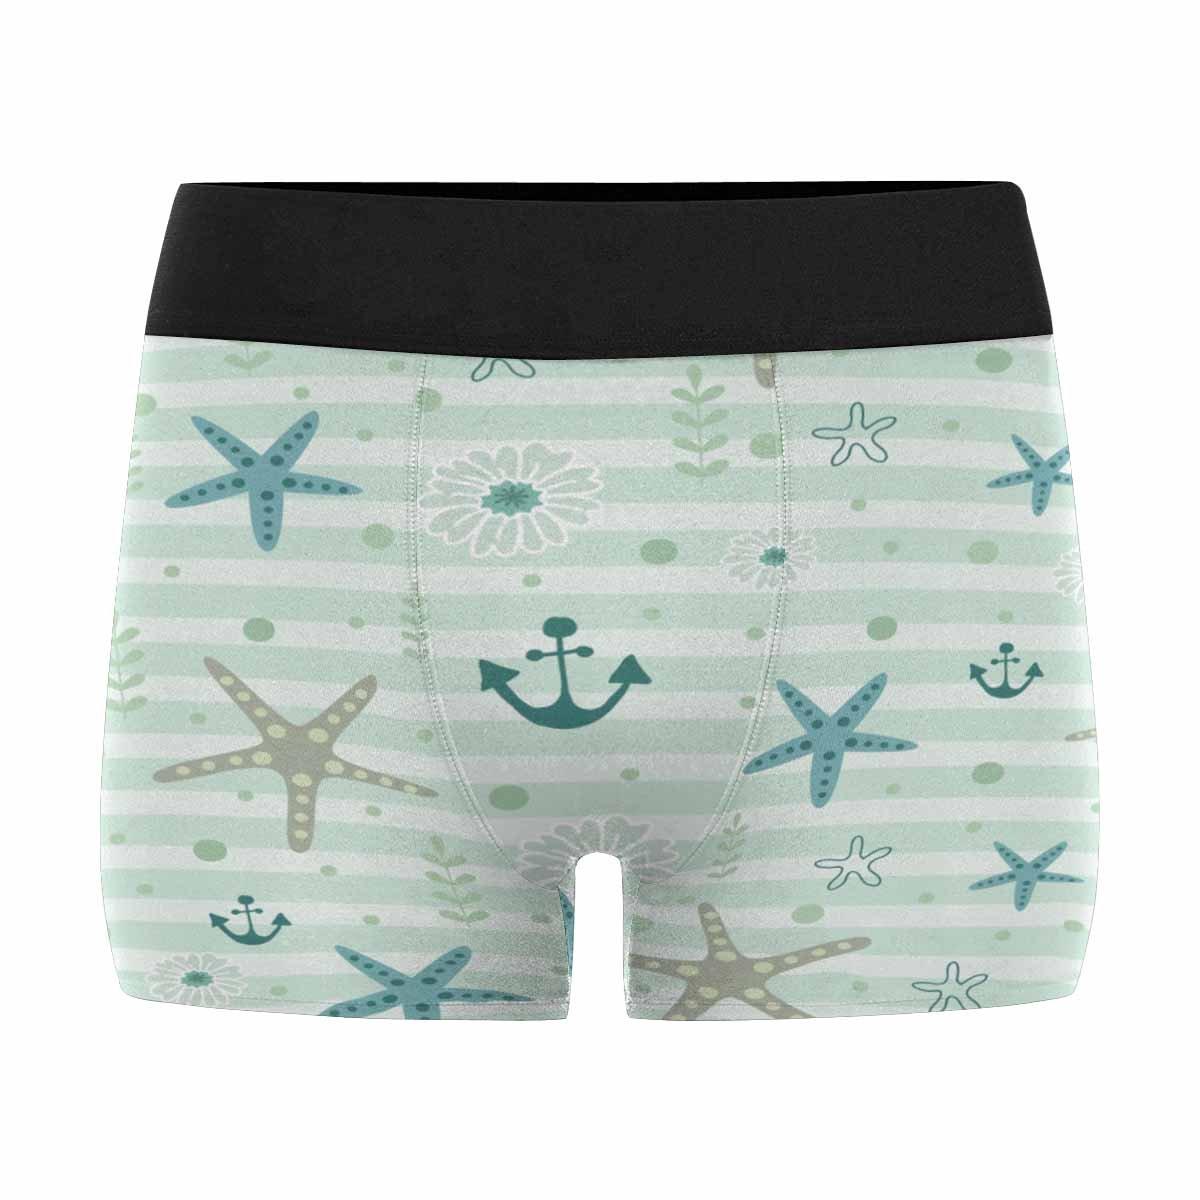 INTERESTPRINT Boxer Briefs Mens Underwear Sea Ocean All Elements are Hidden Under Mask Starfish Anchor Pattern XS-3XL